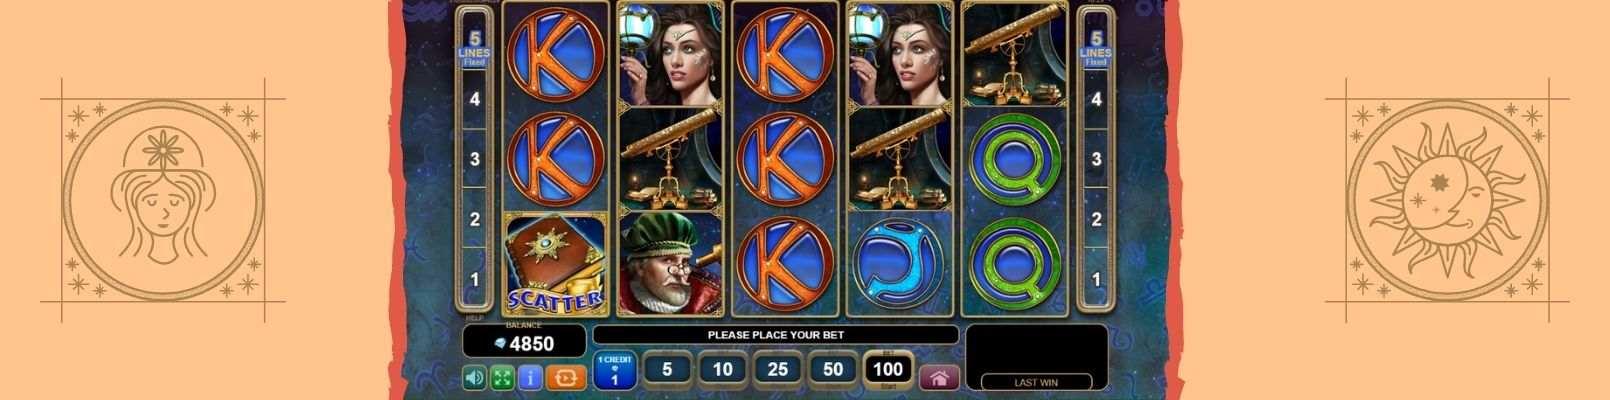 Jackpot Payout Slot Mai Bun | Cele 5 cazinouri românești de lux pe care nu le puteți rata - BODY IQ